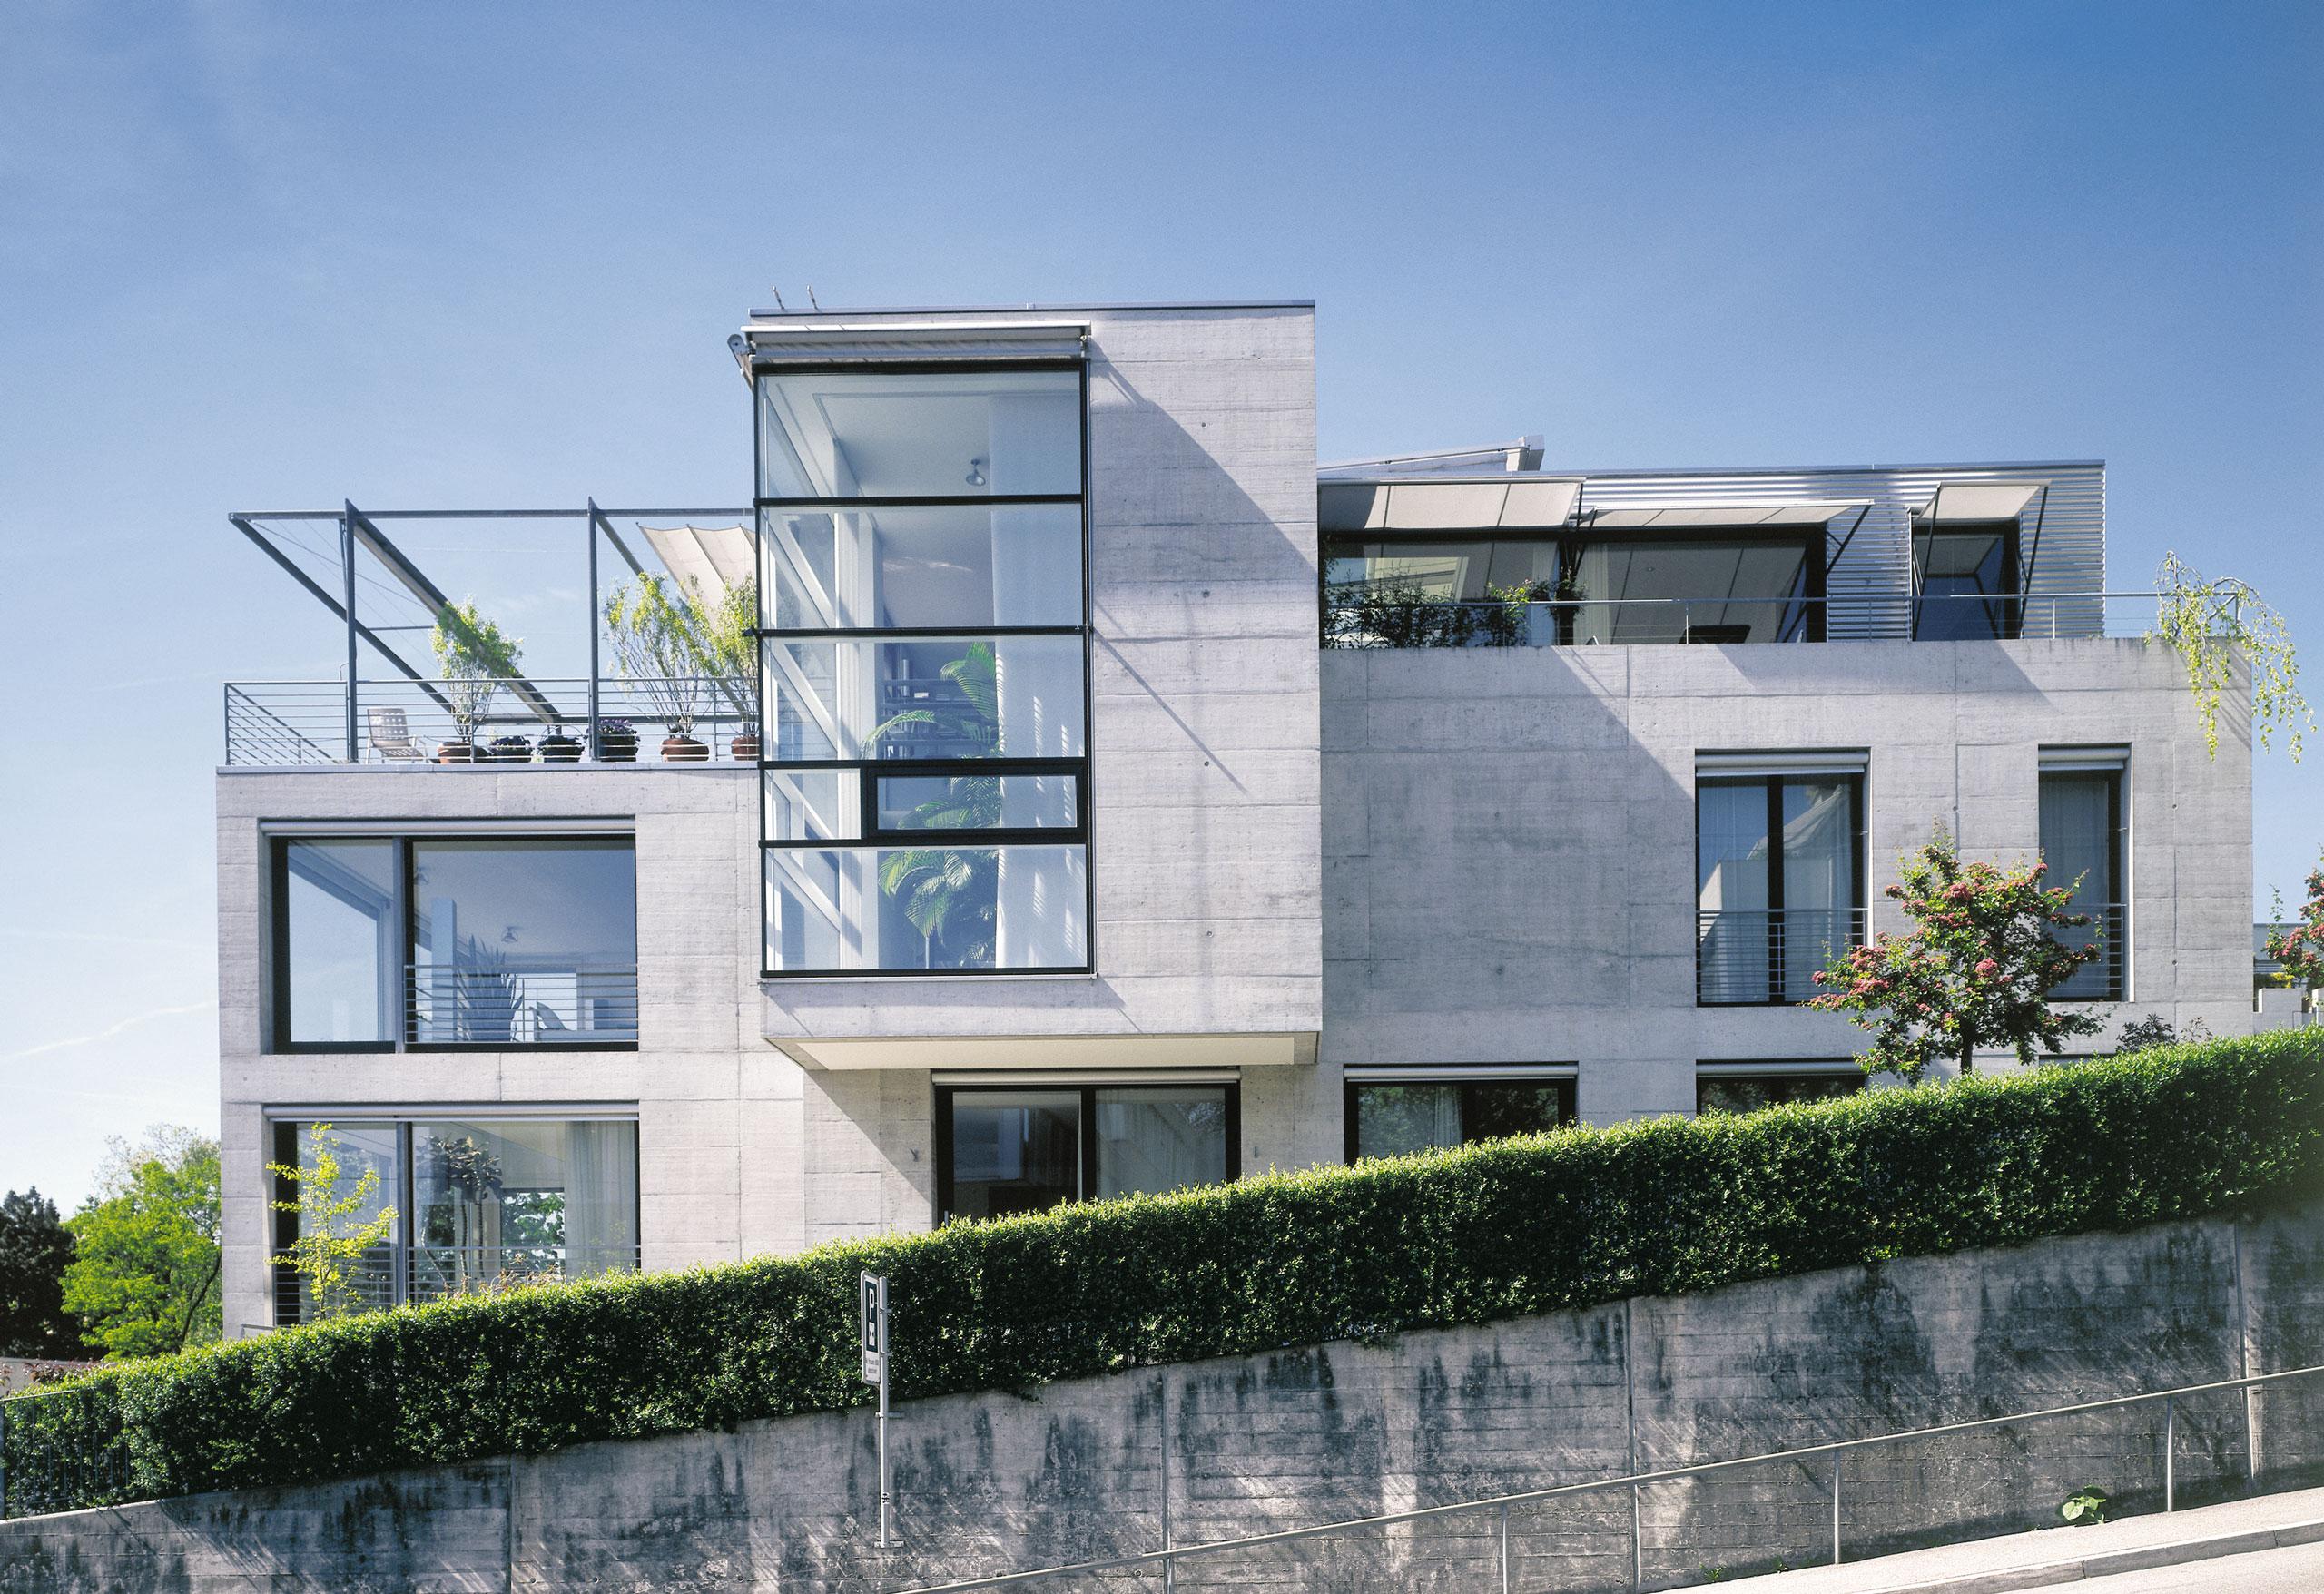 Wohnhaus mit atelier z rich bob gysin partner bgp - Bob gysin partner bgp architekten ...